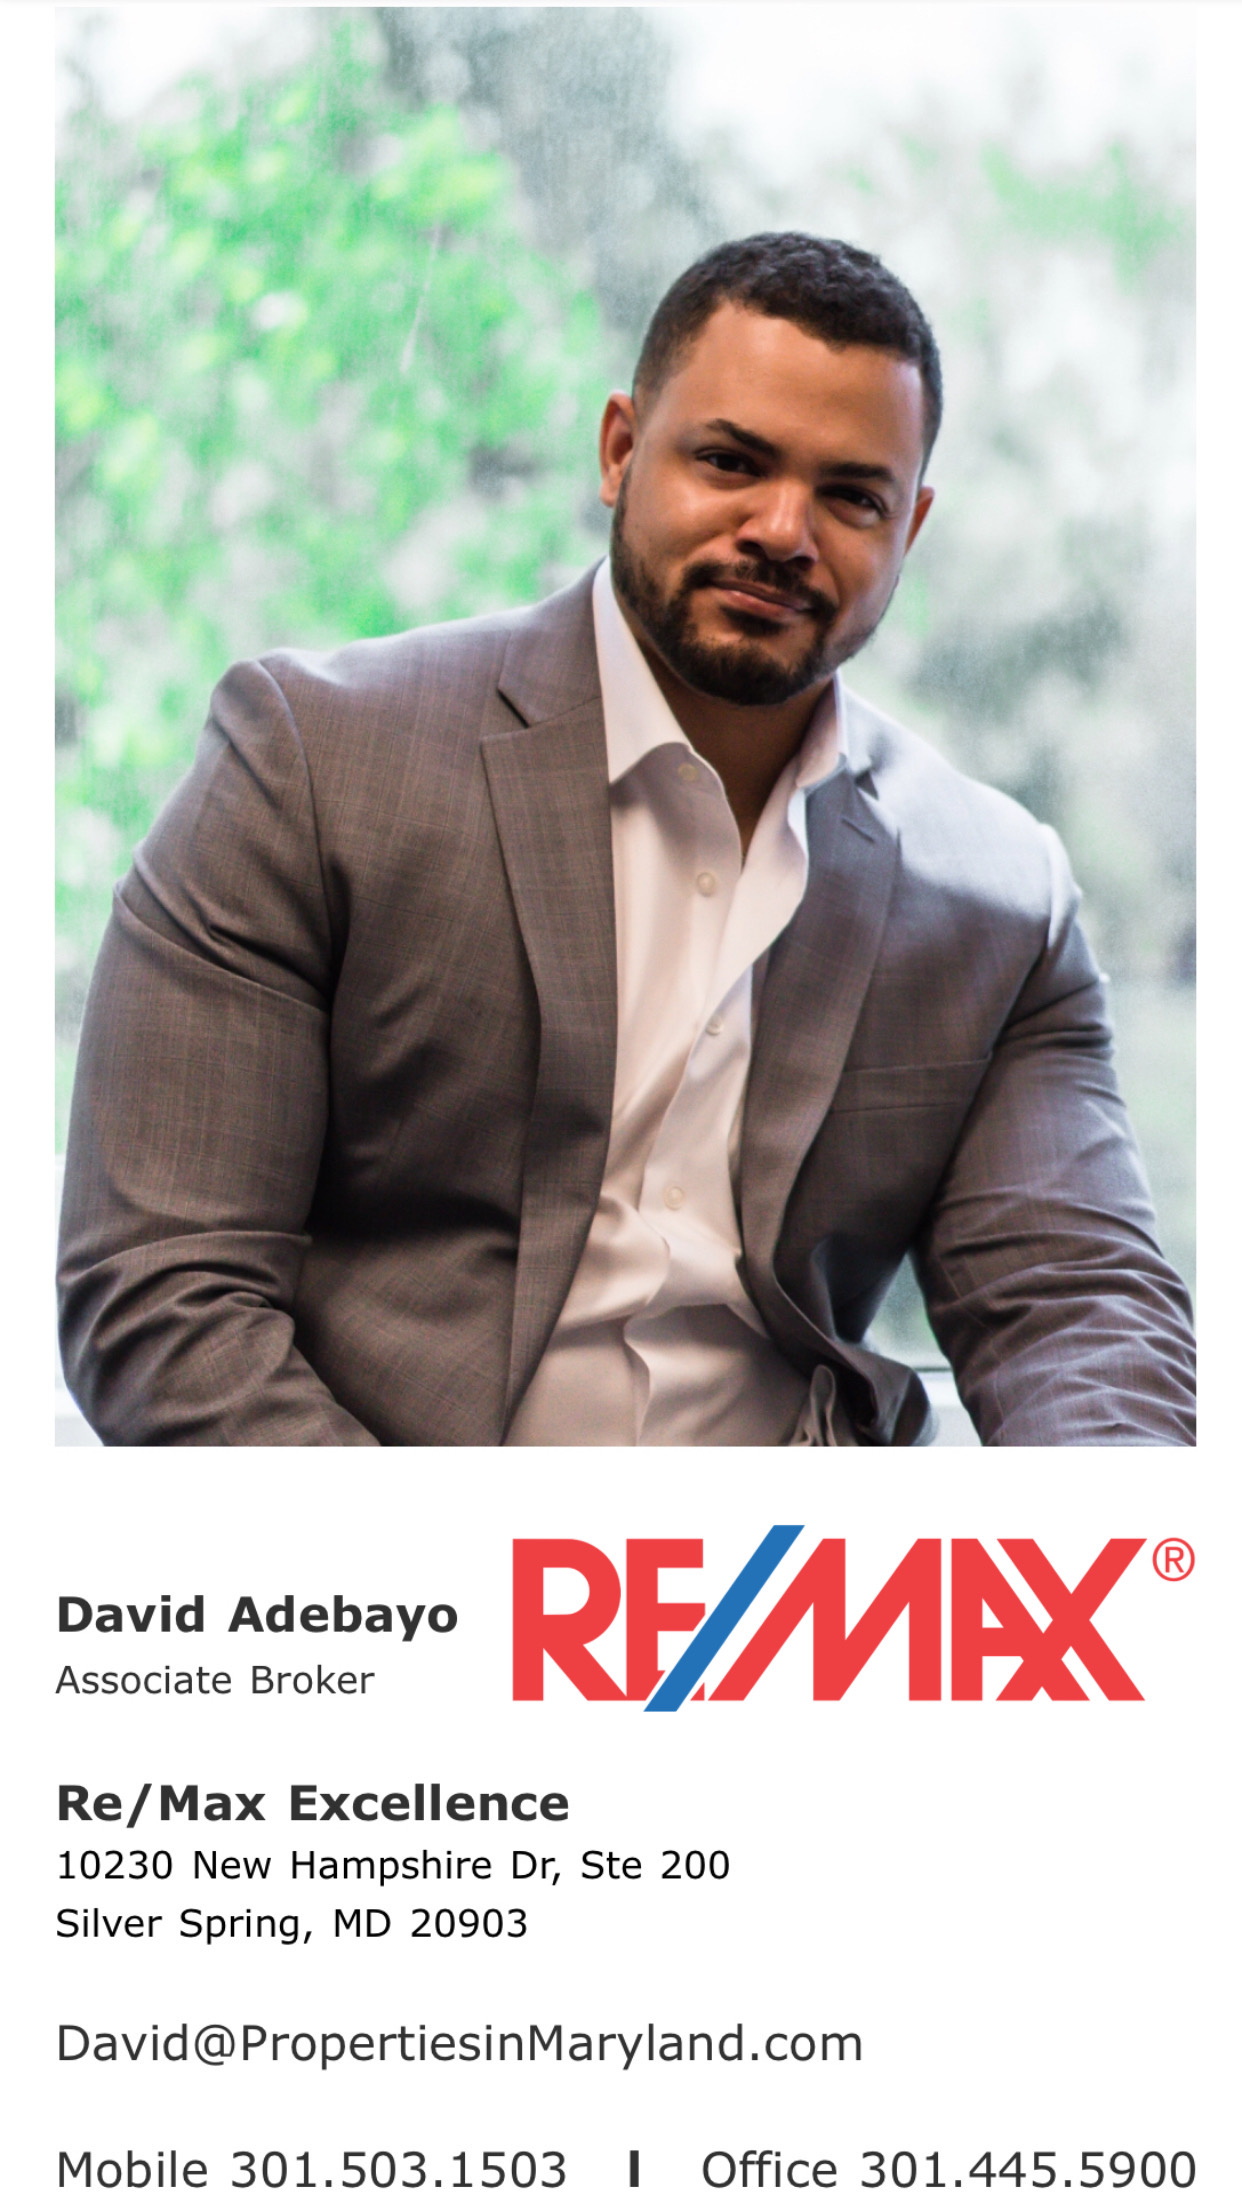 David Adebayo